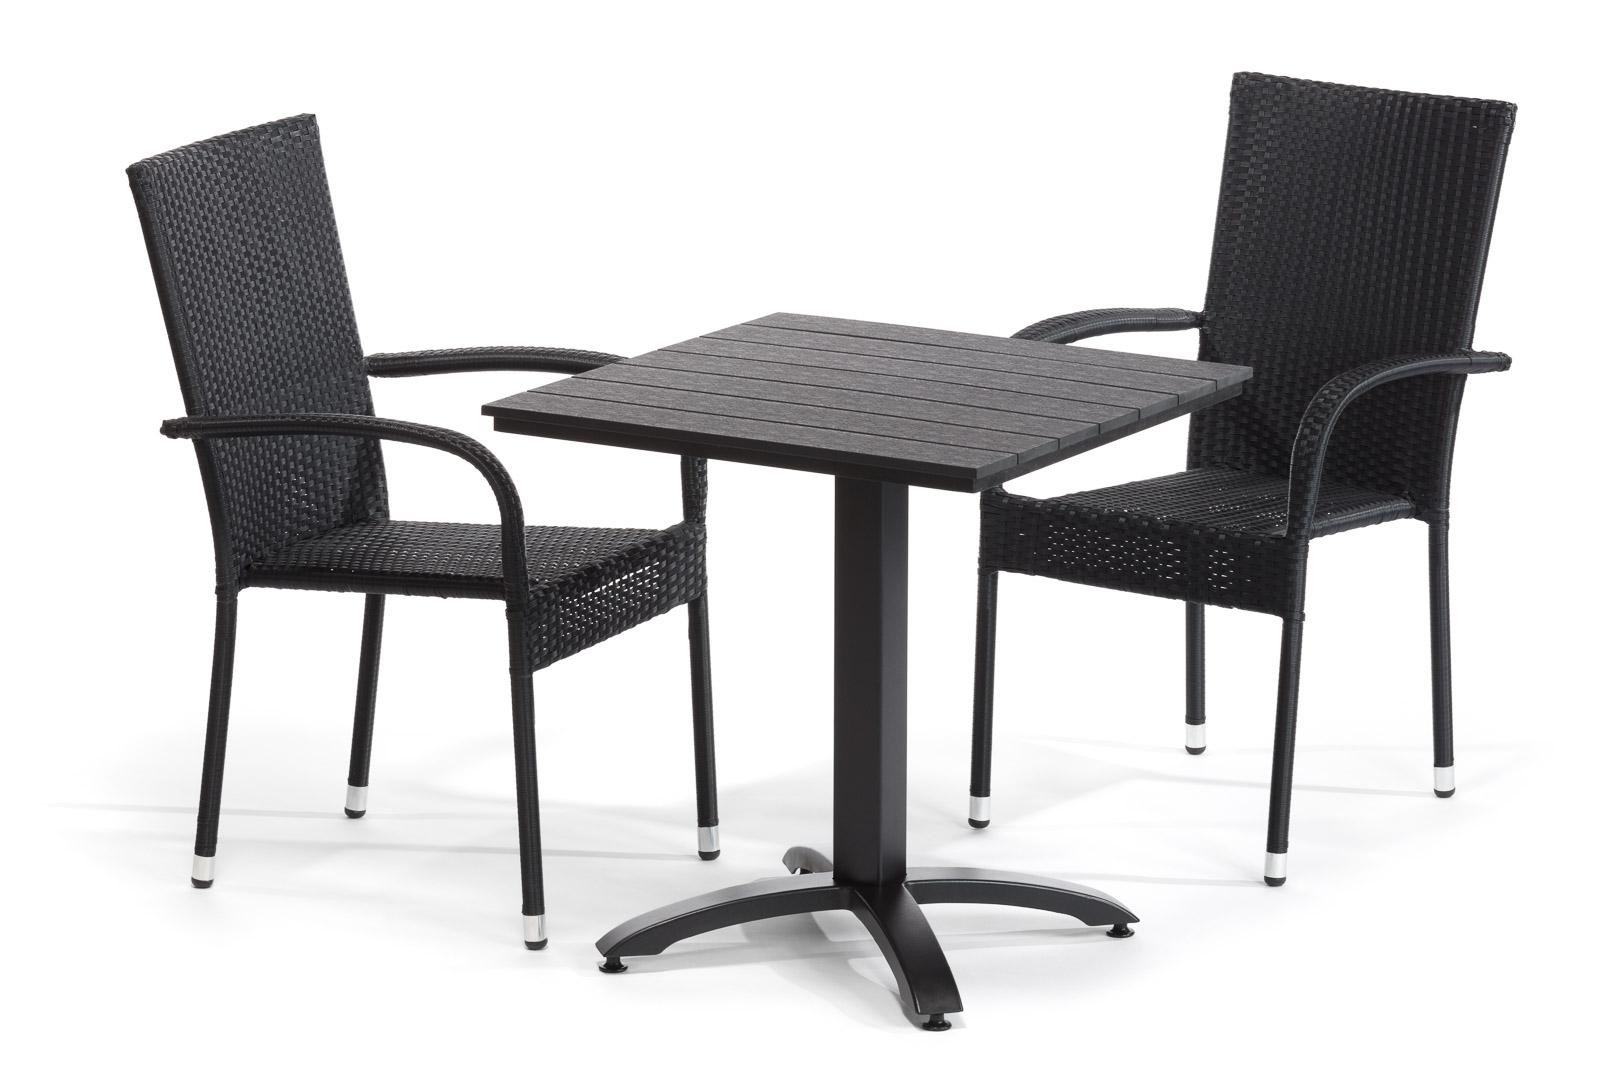 Balkónová sestava stůl a židle DT270